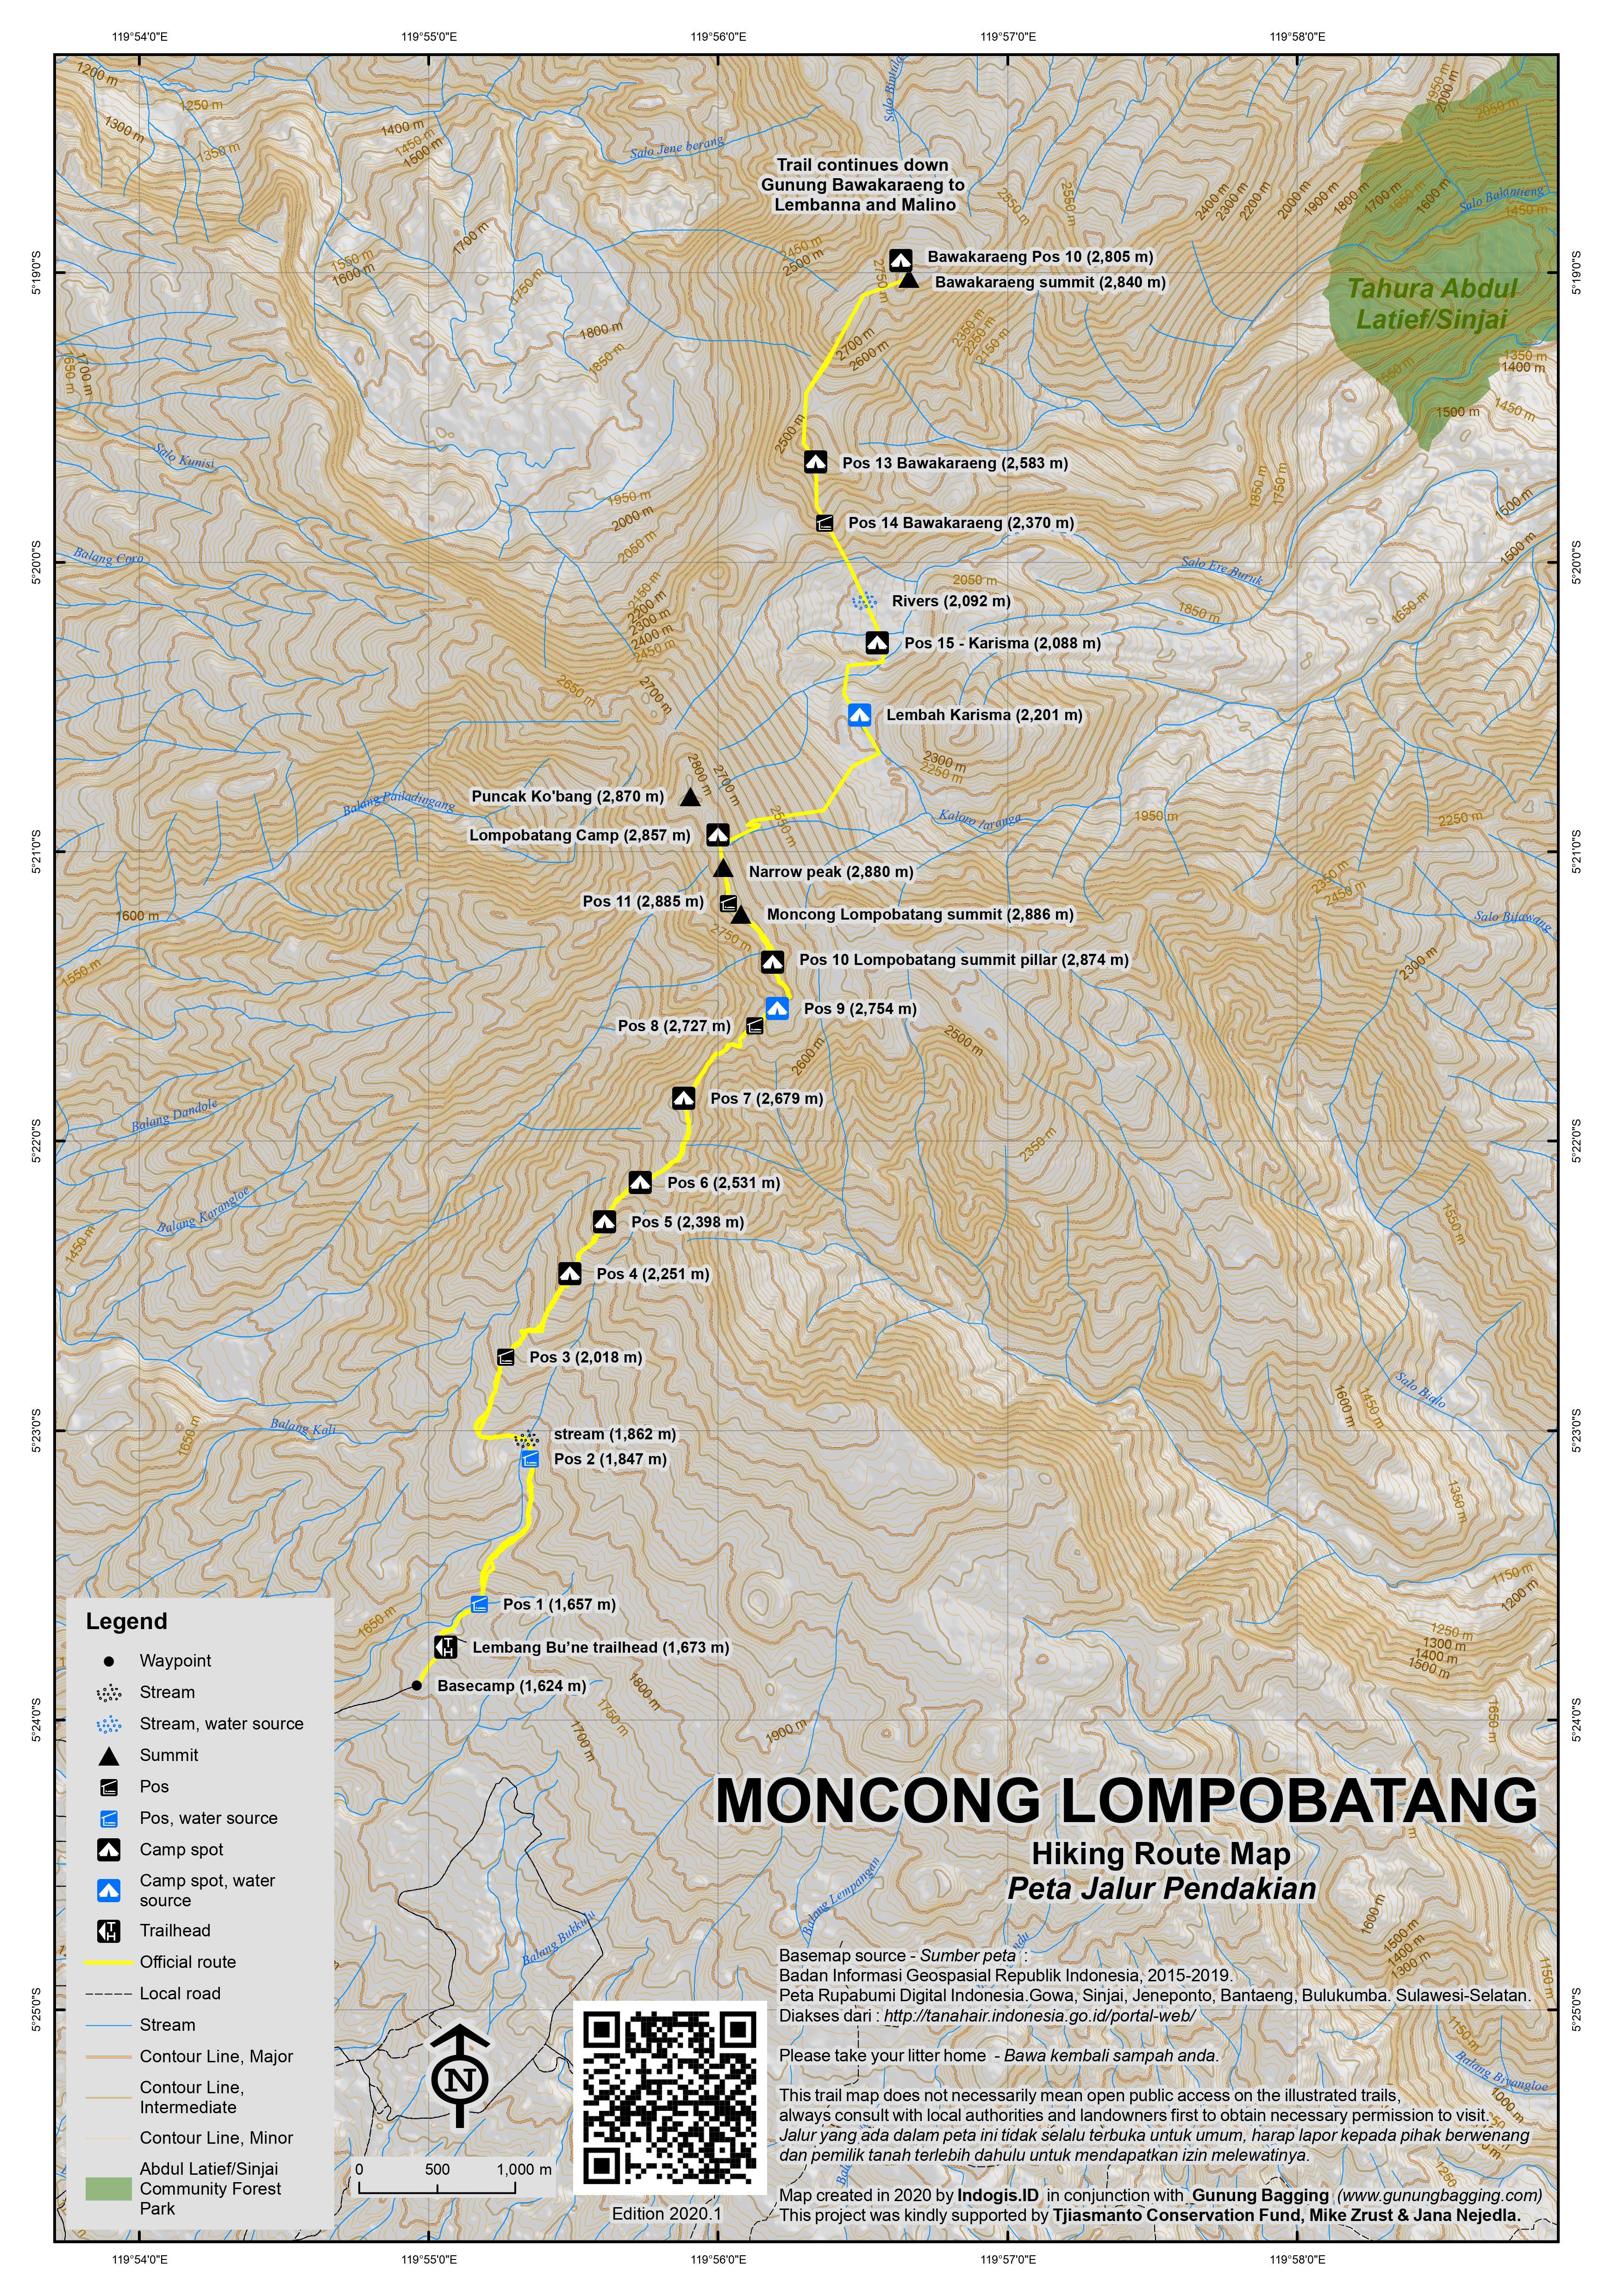 Peta Jalur Pendakian Moncong Lompobatang